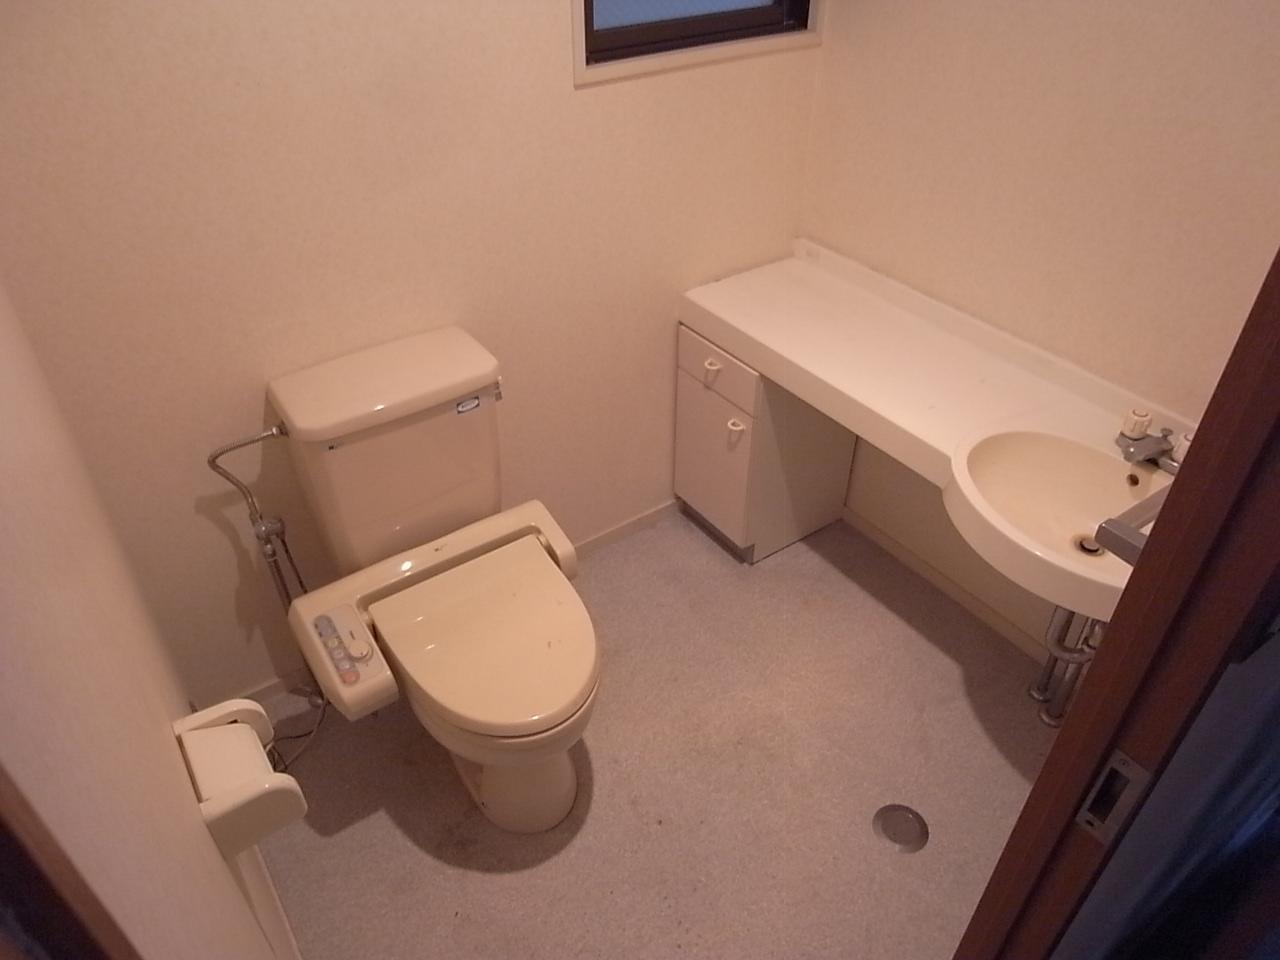 ゆったりスペースのあるトイレ。